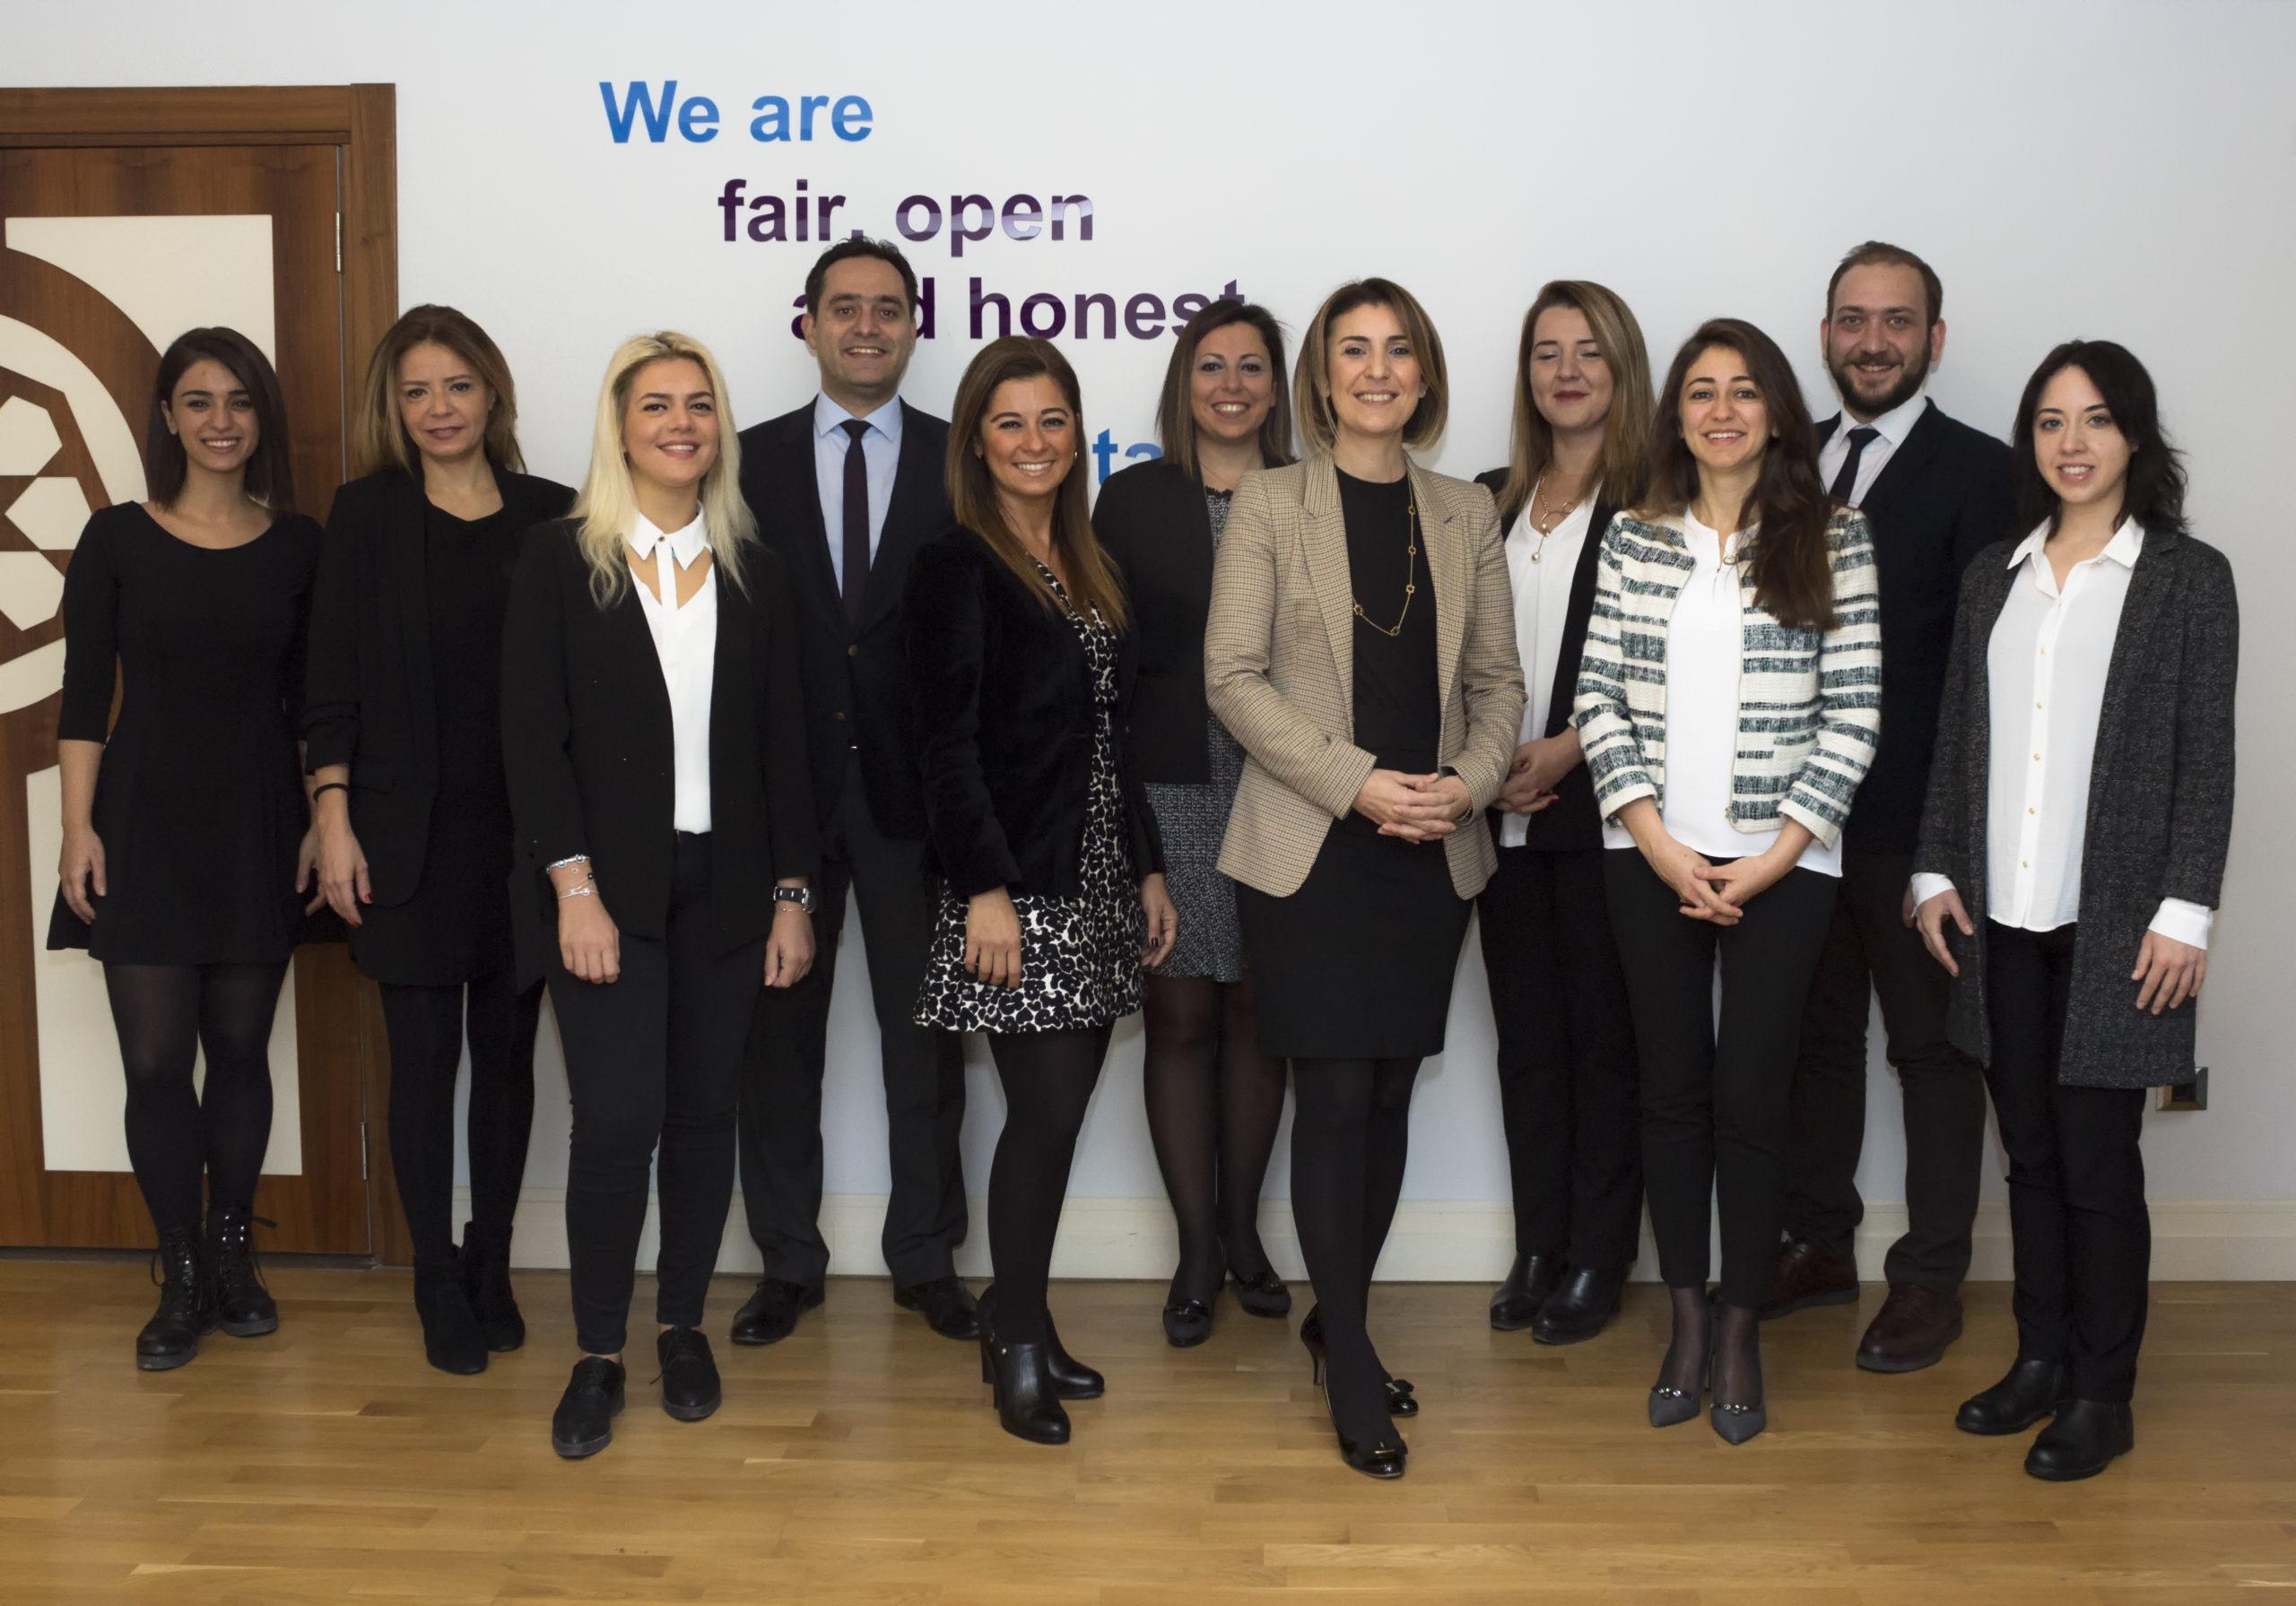 Turkey office team - reed